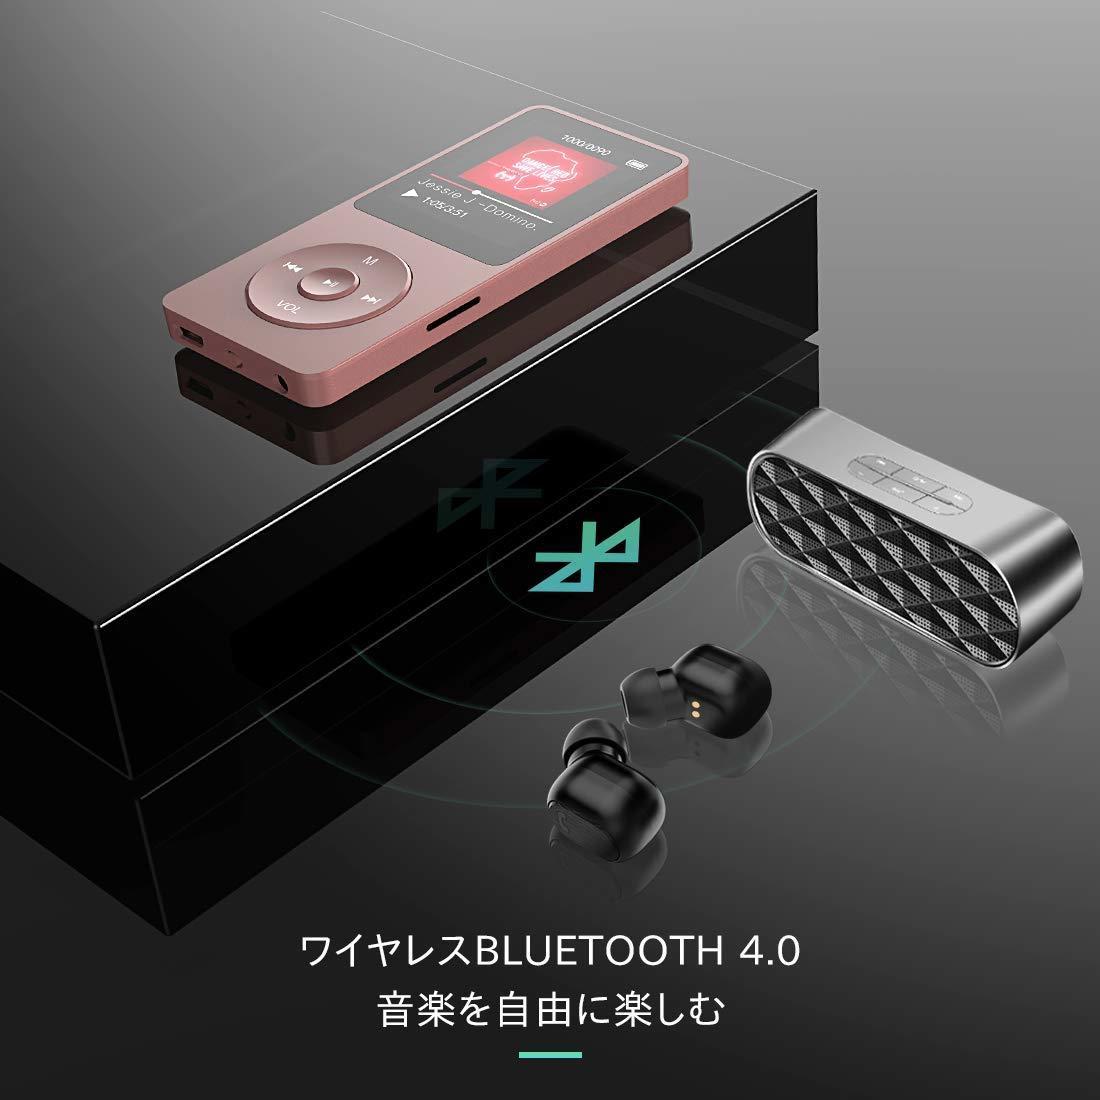 ★新品・未使用★ Bluetooth4.0 MP3プレーヤー HIFI高音質 超軽量 歩数計/FMラジオ 多機能 内蔵8GB マイクロSDカード128GBまで対応_画像7